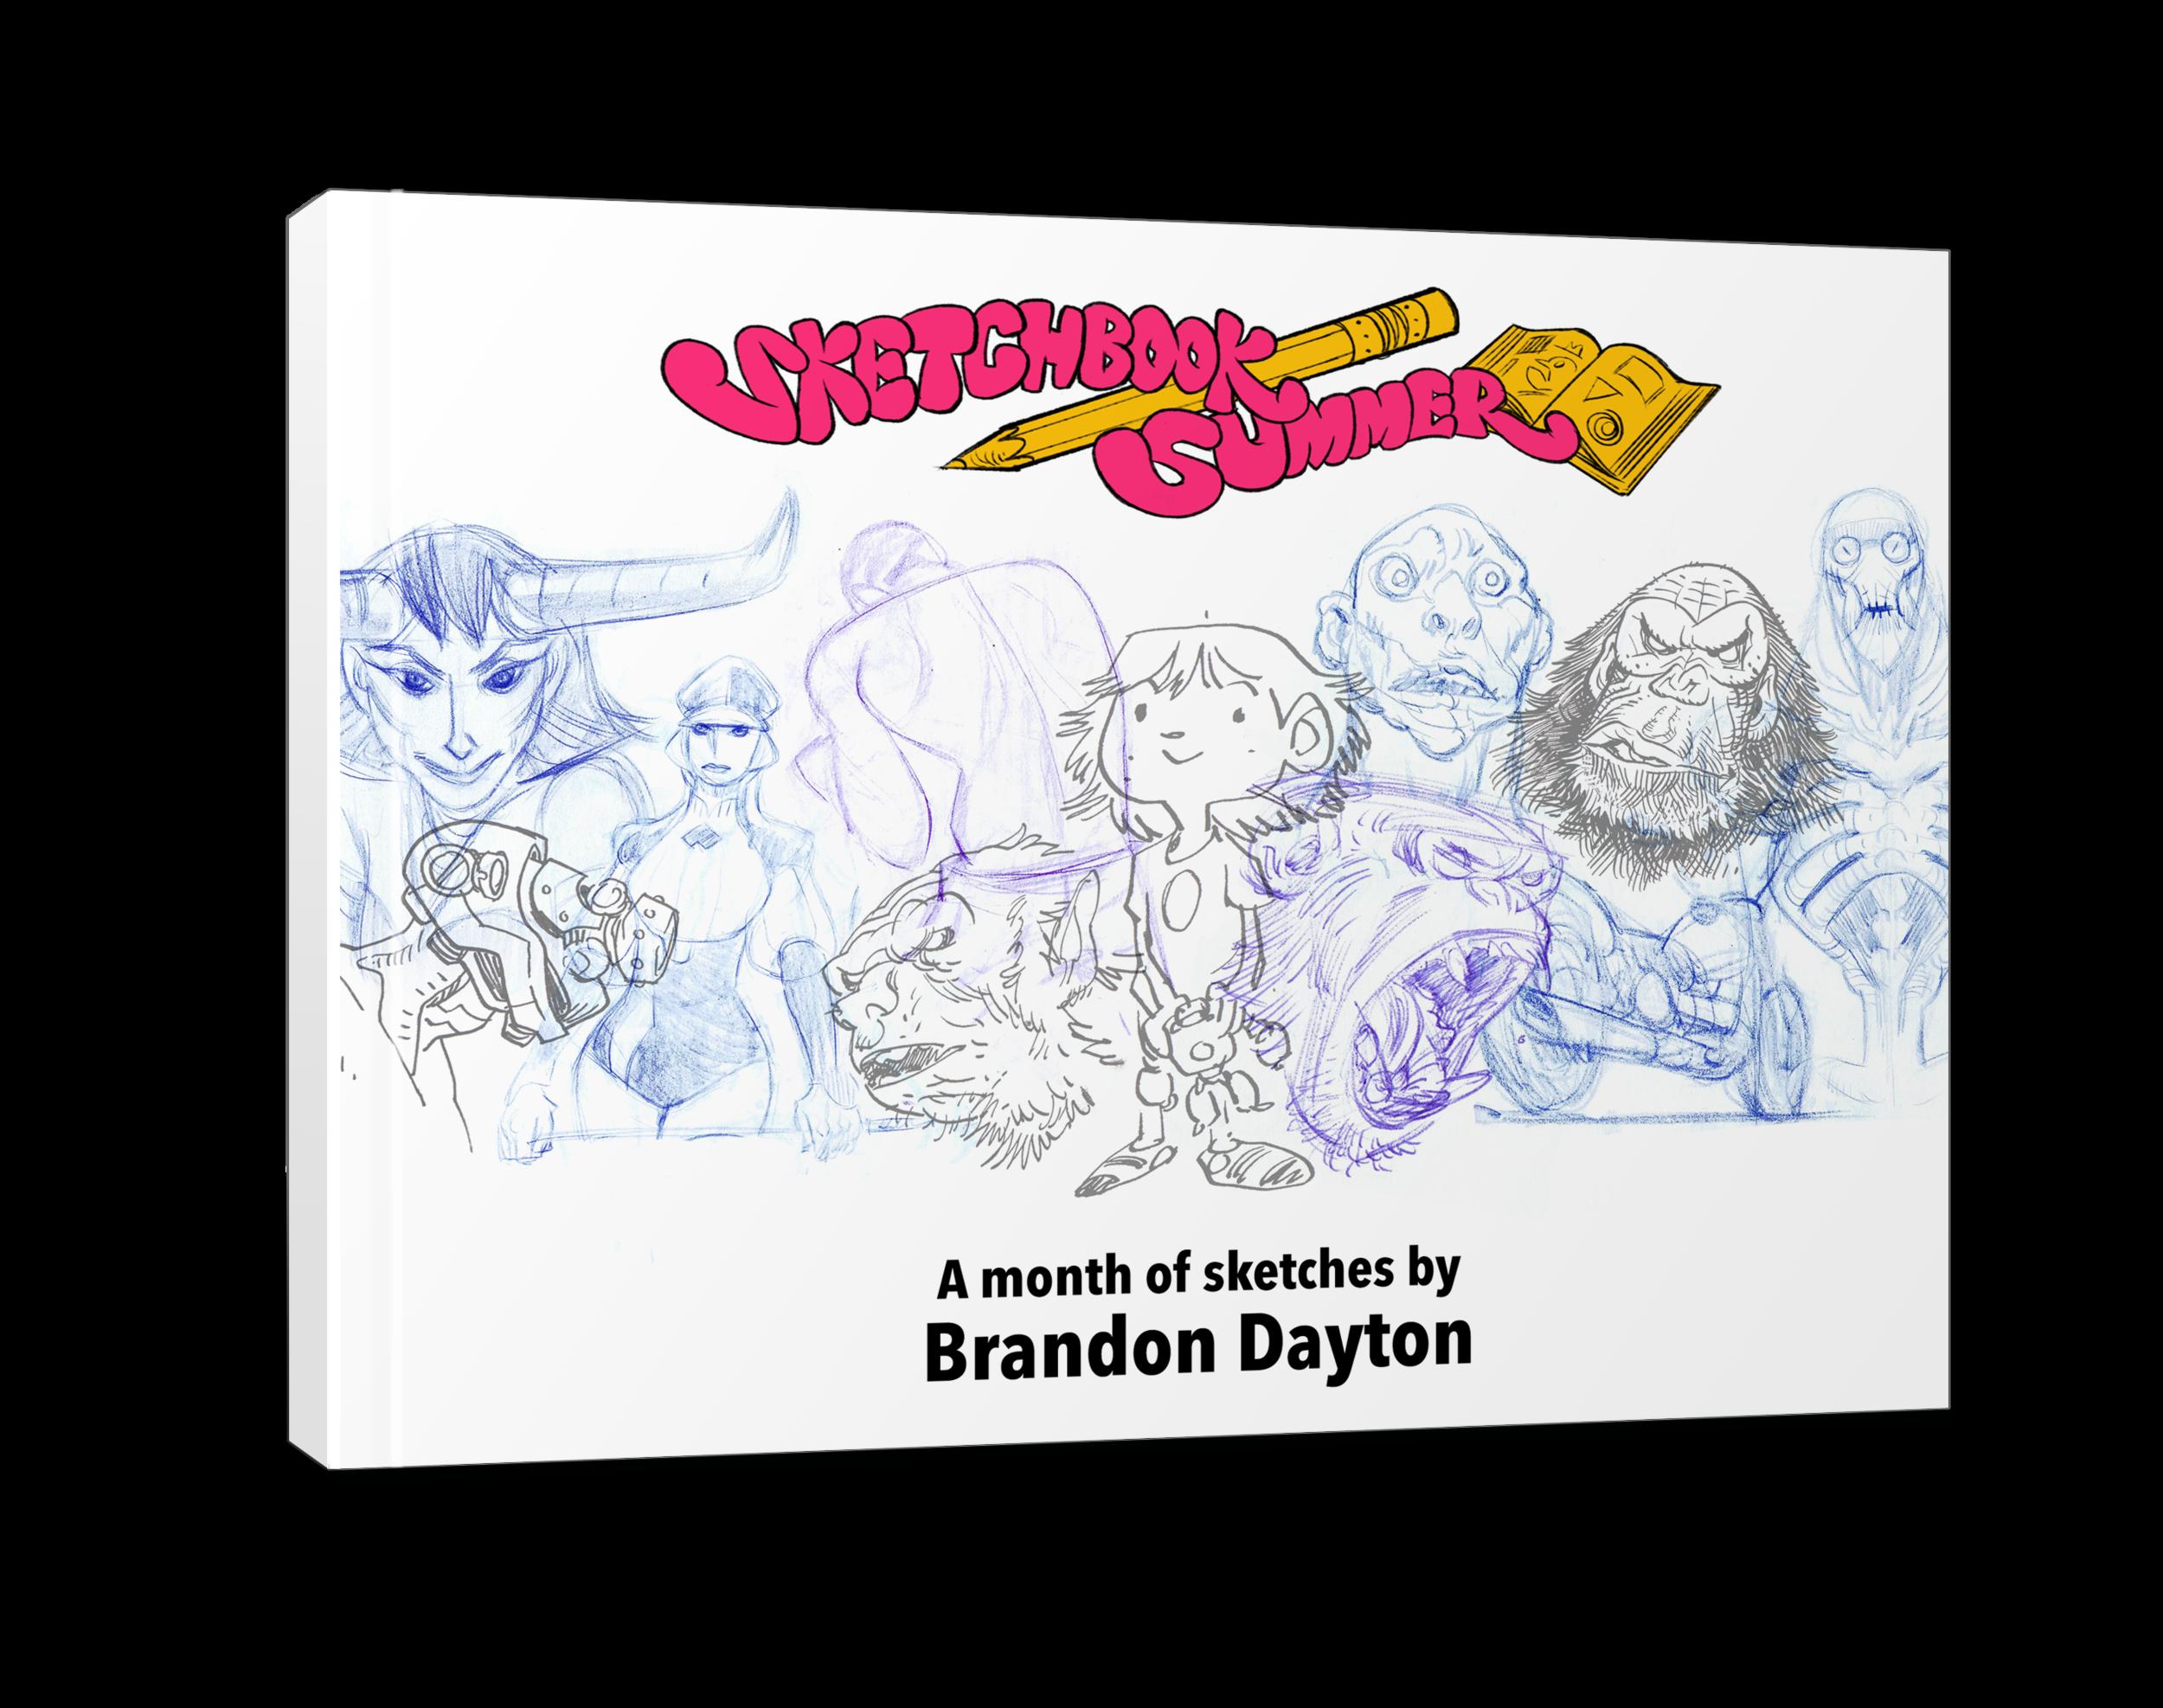 Sketchbook Summer 2017 Sketchbook Brandon Dayton